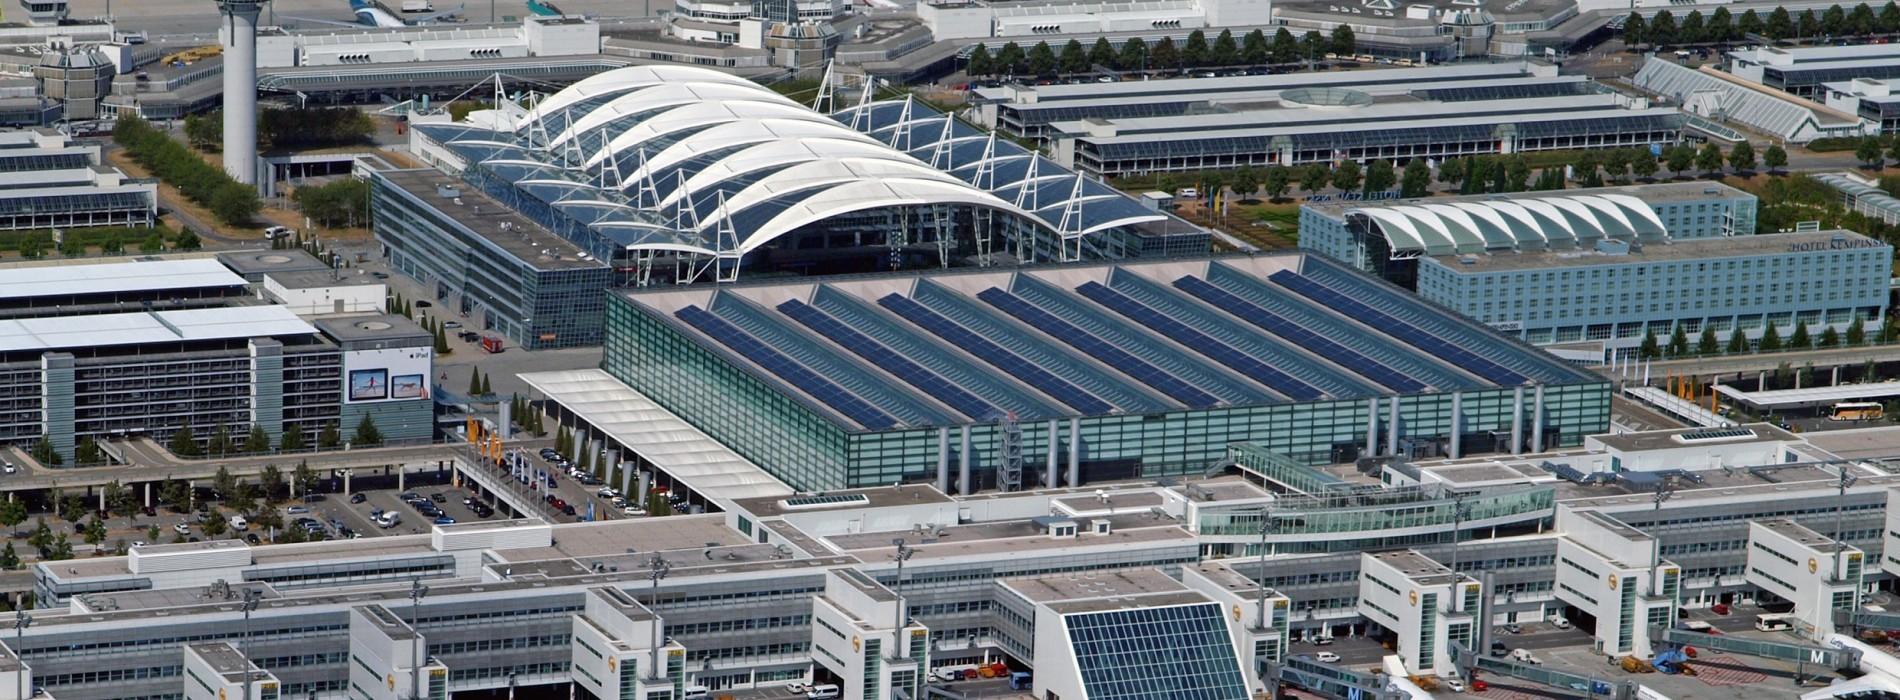 Munich Airport chosen as Europe's Best Airport